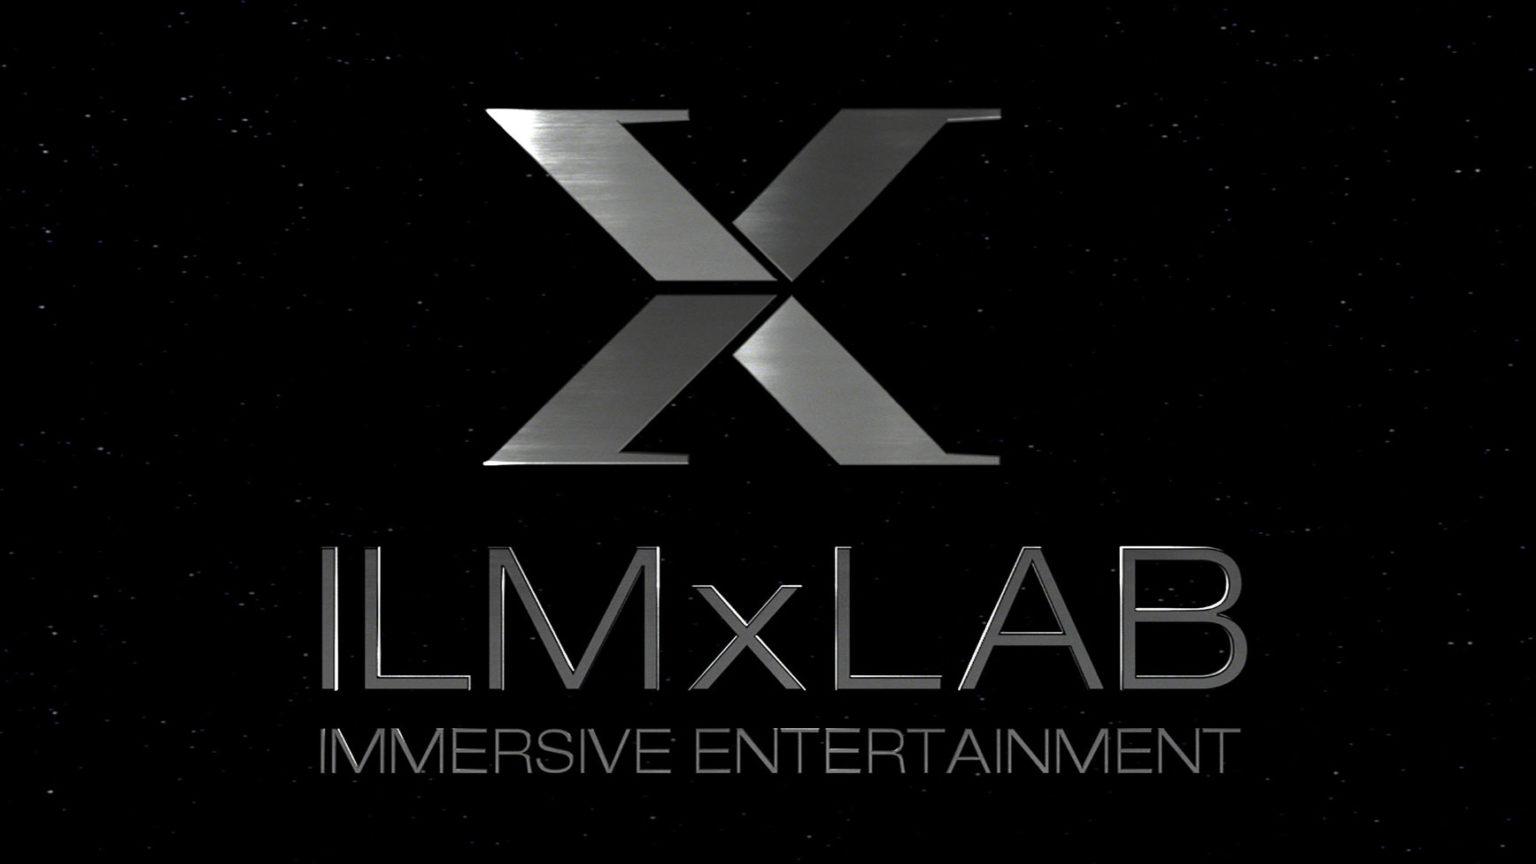 ilmxlab-logo-1536x864-799163446854